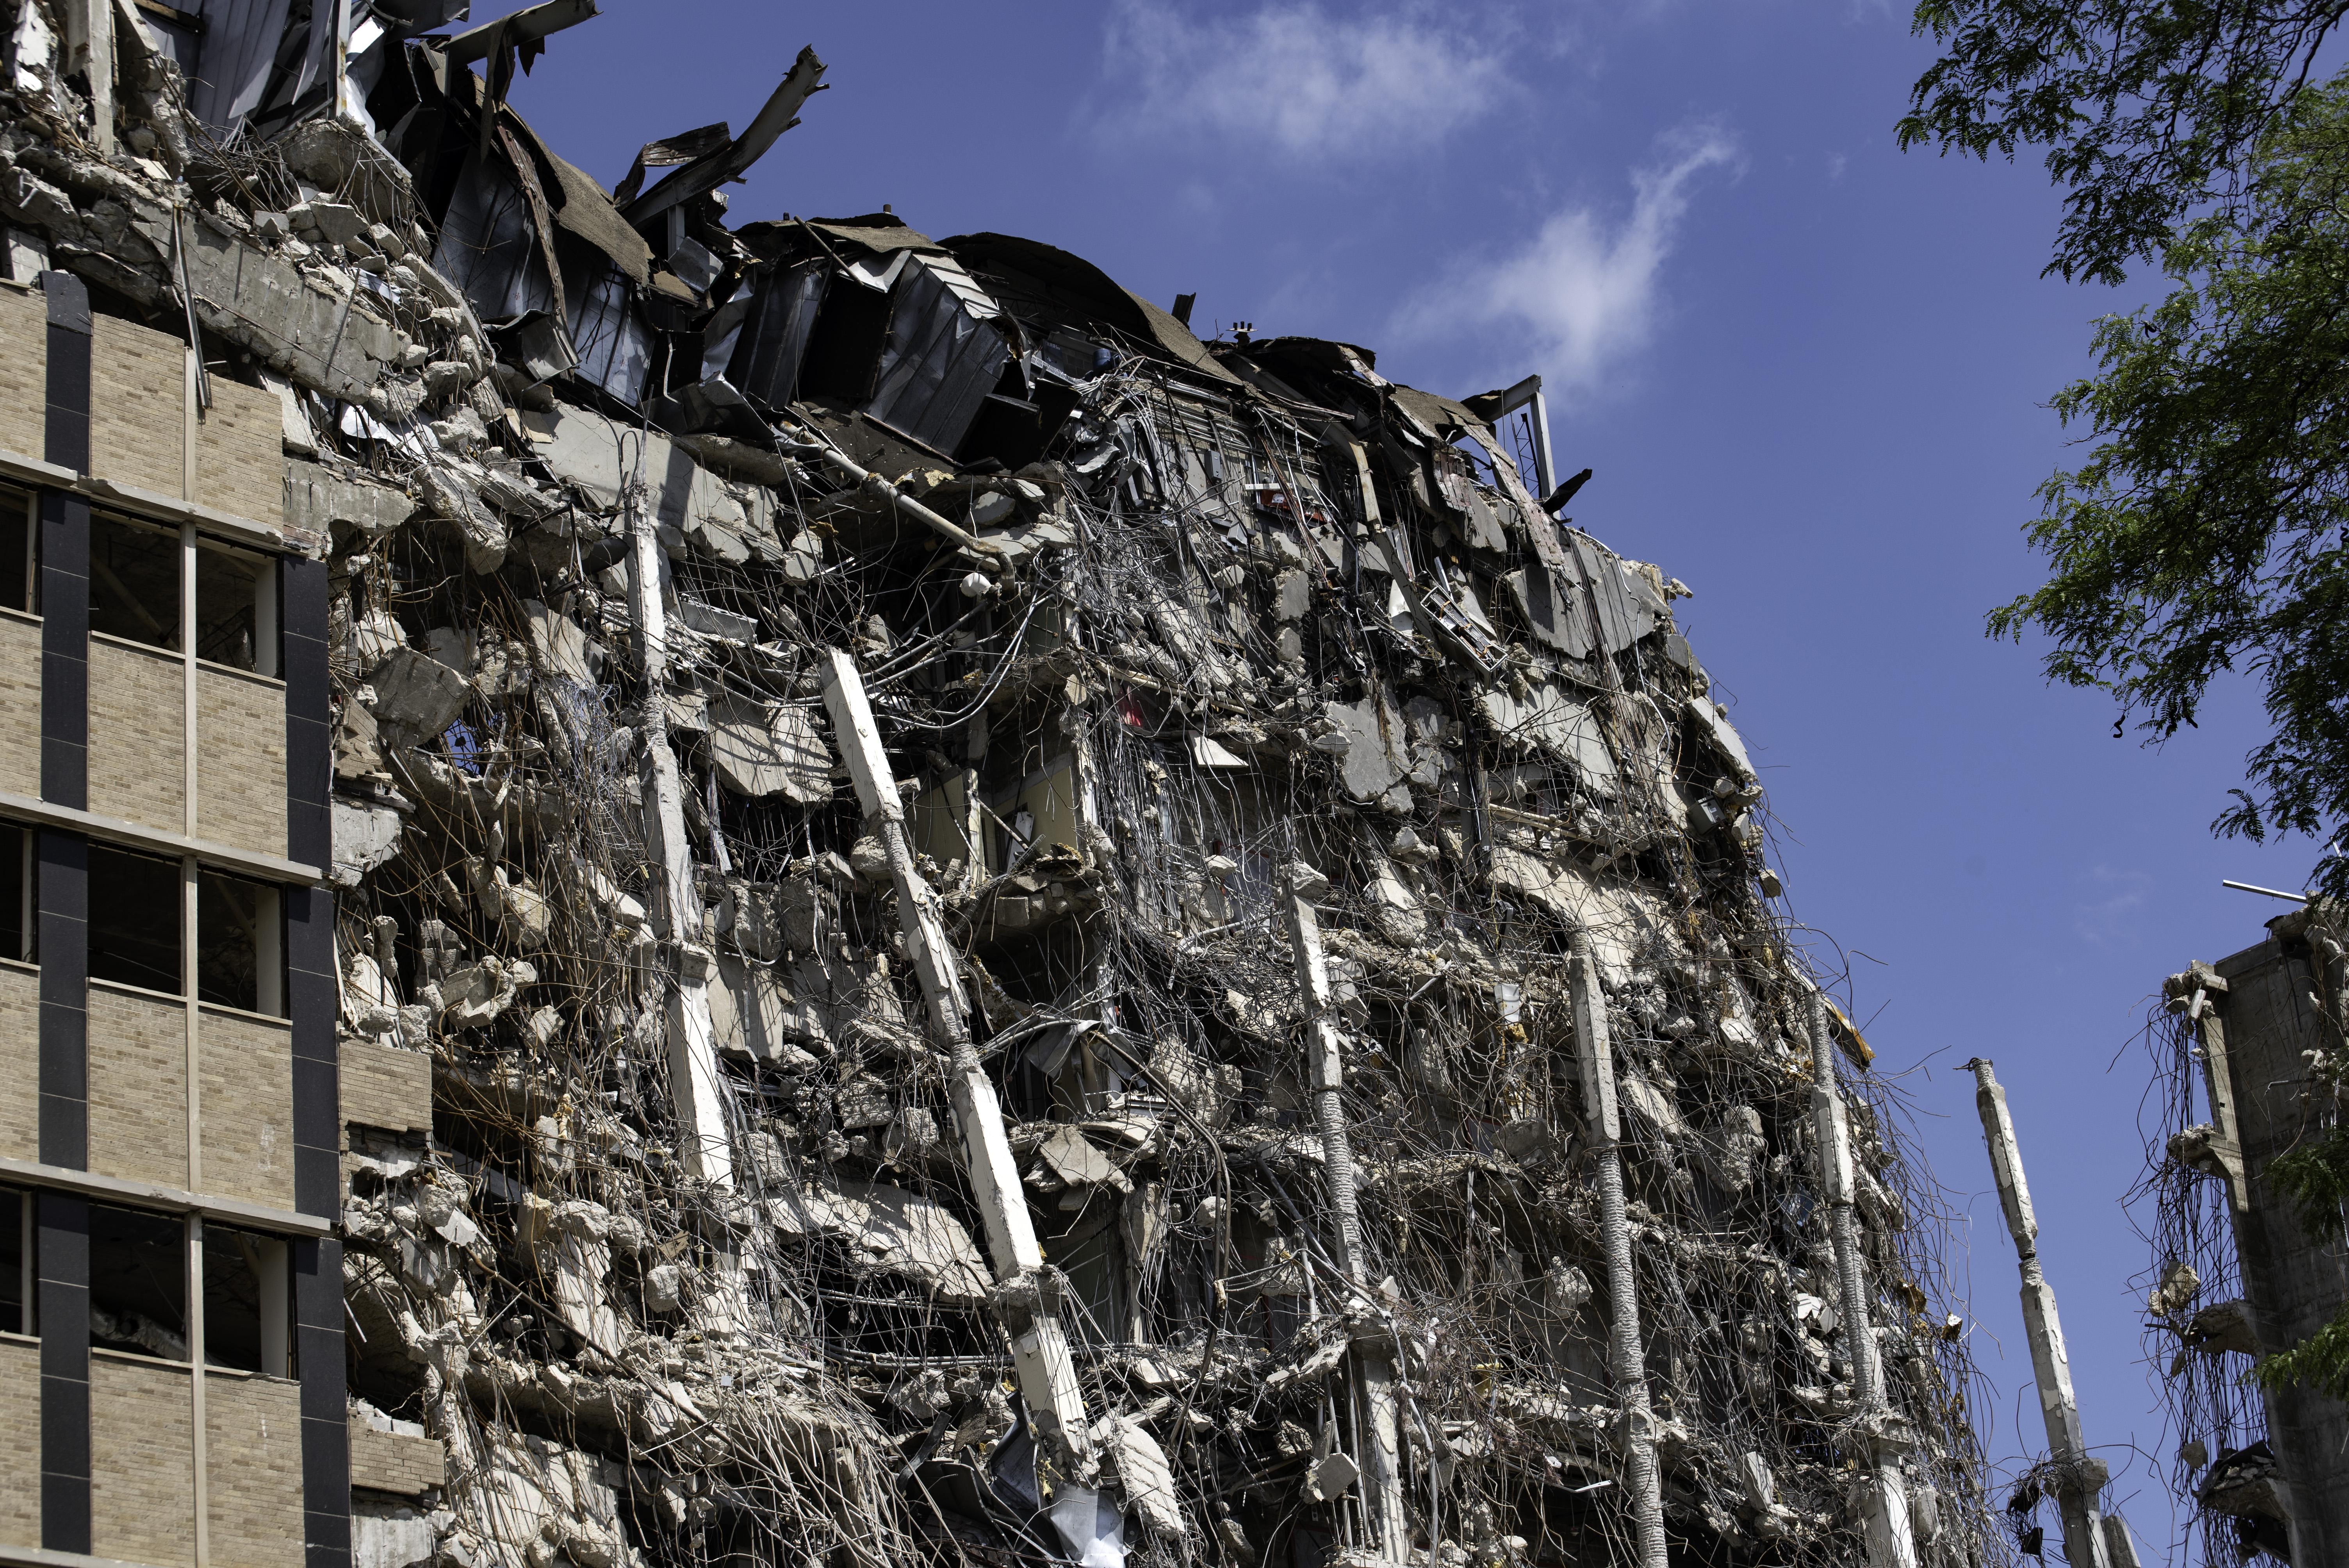 Demolished DMV building image - Free stock photo - Public ...